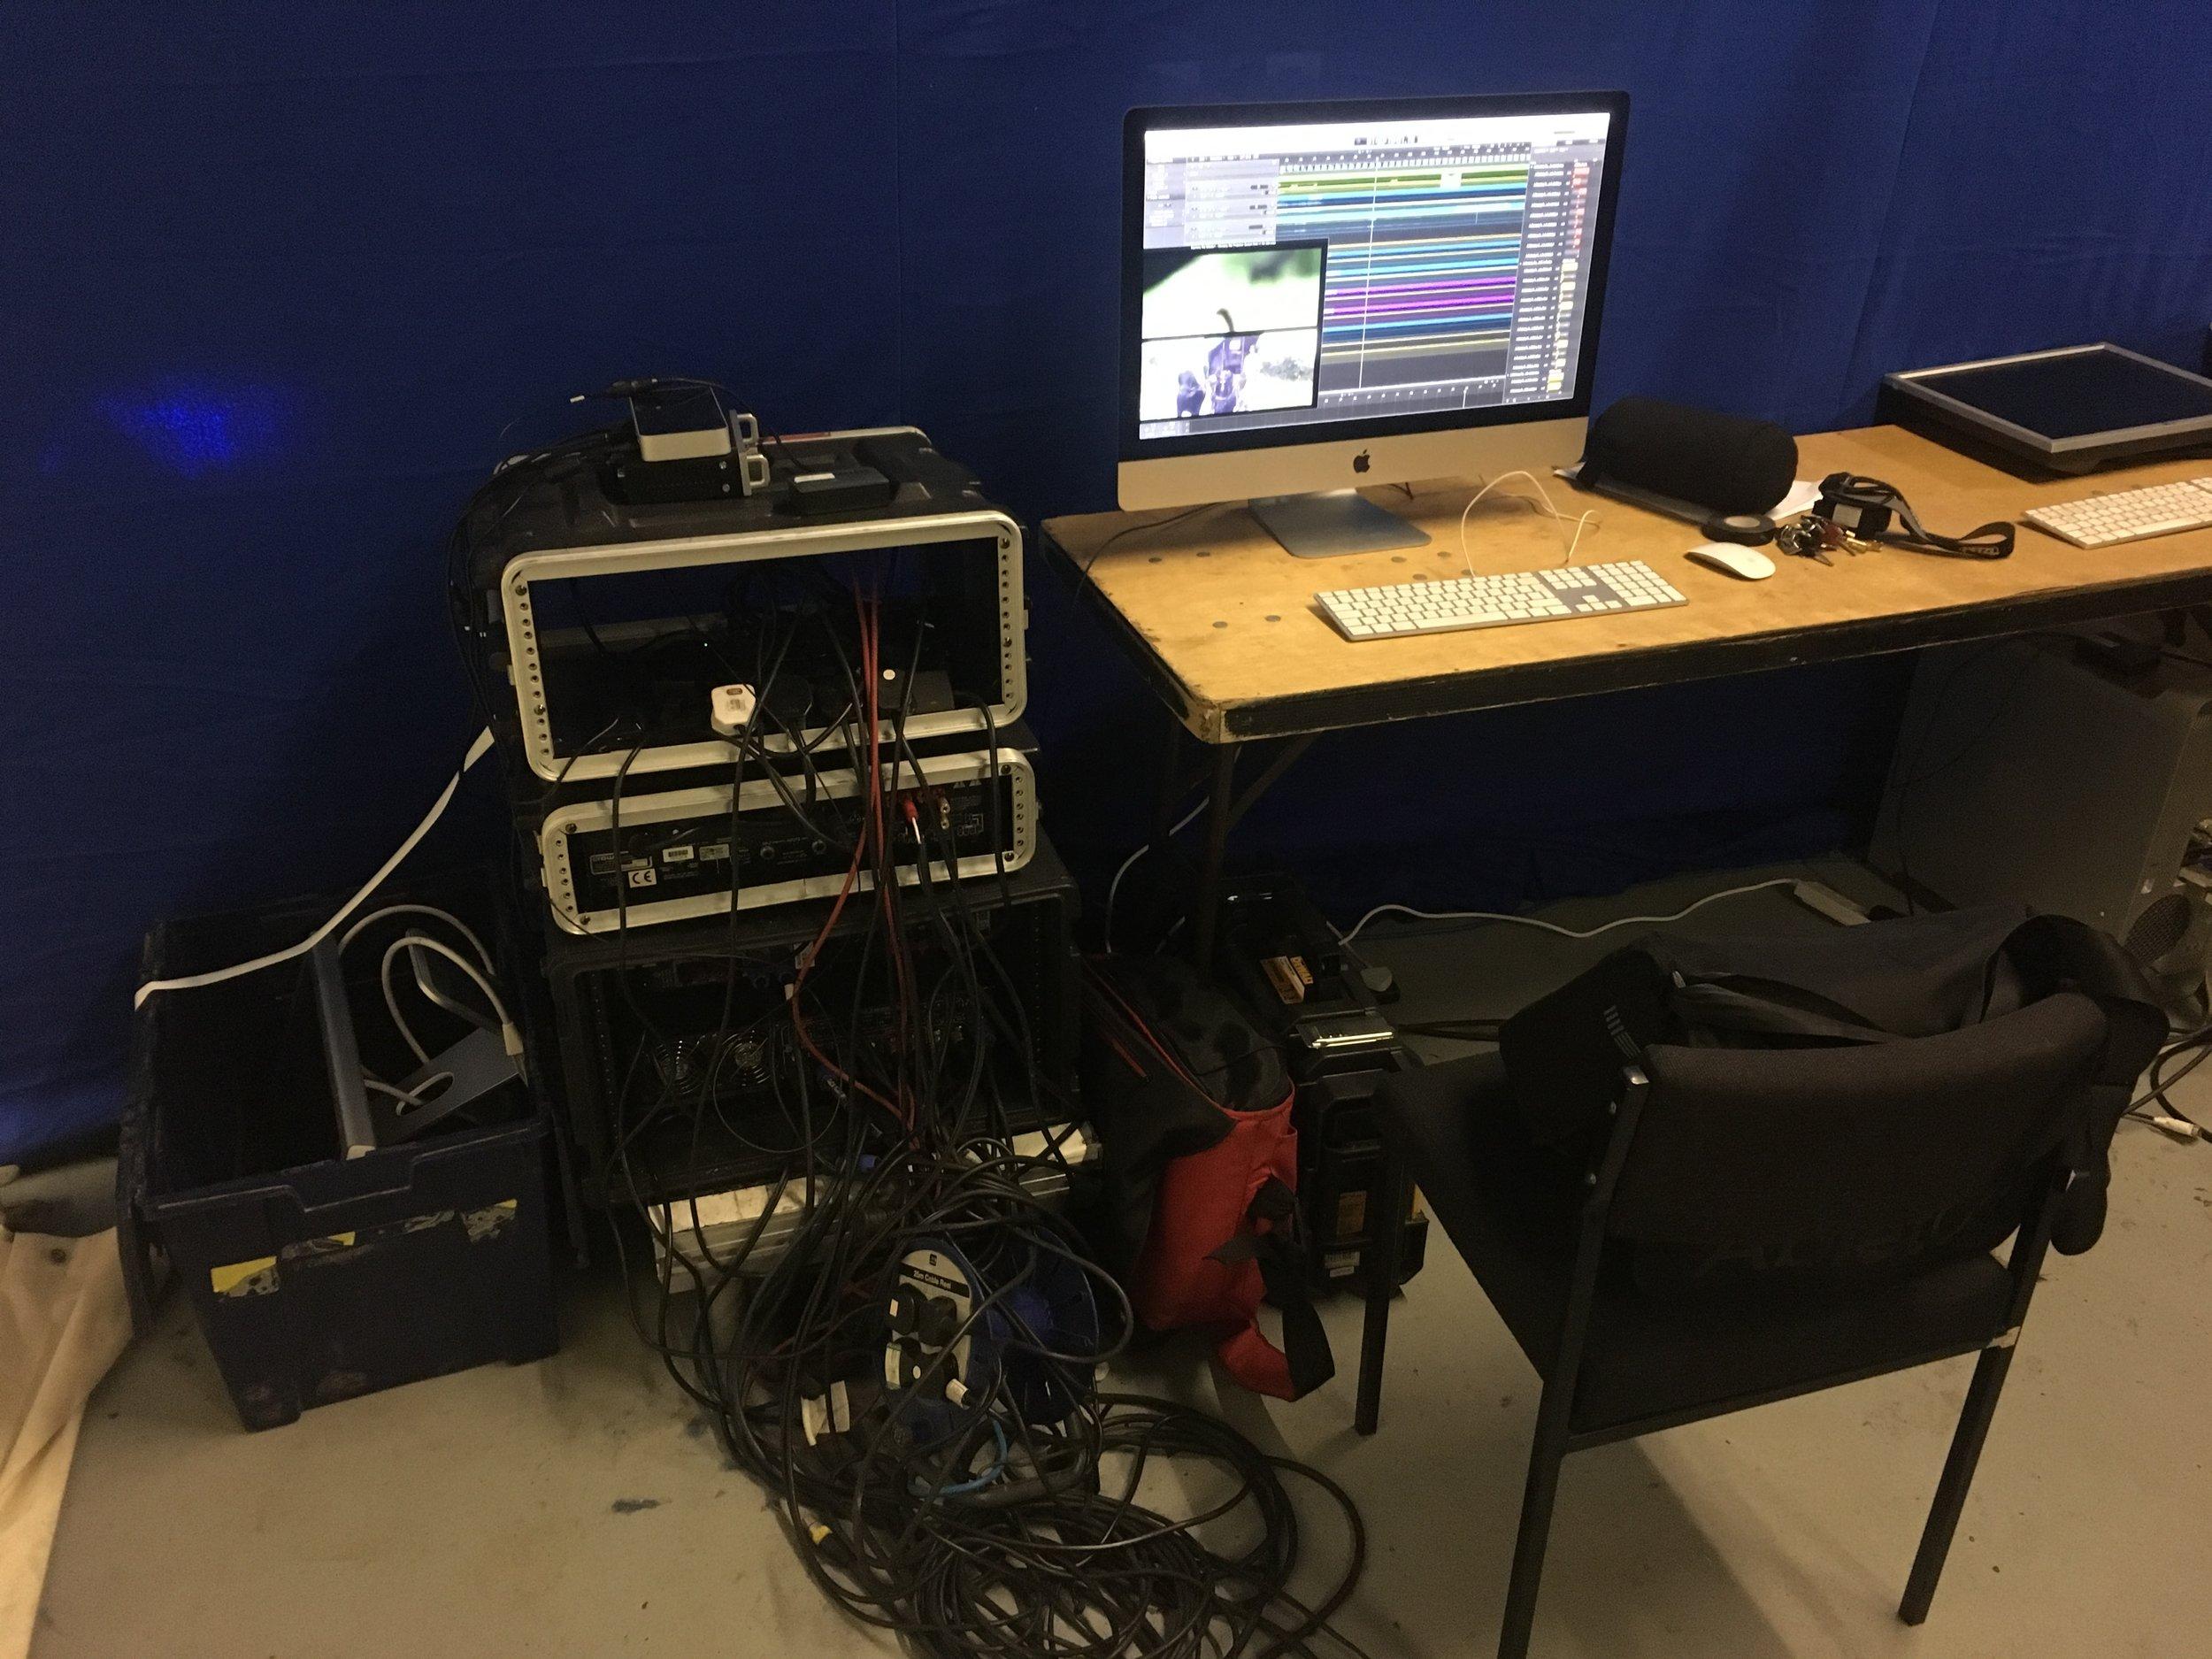 Surround sound HQ